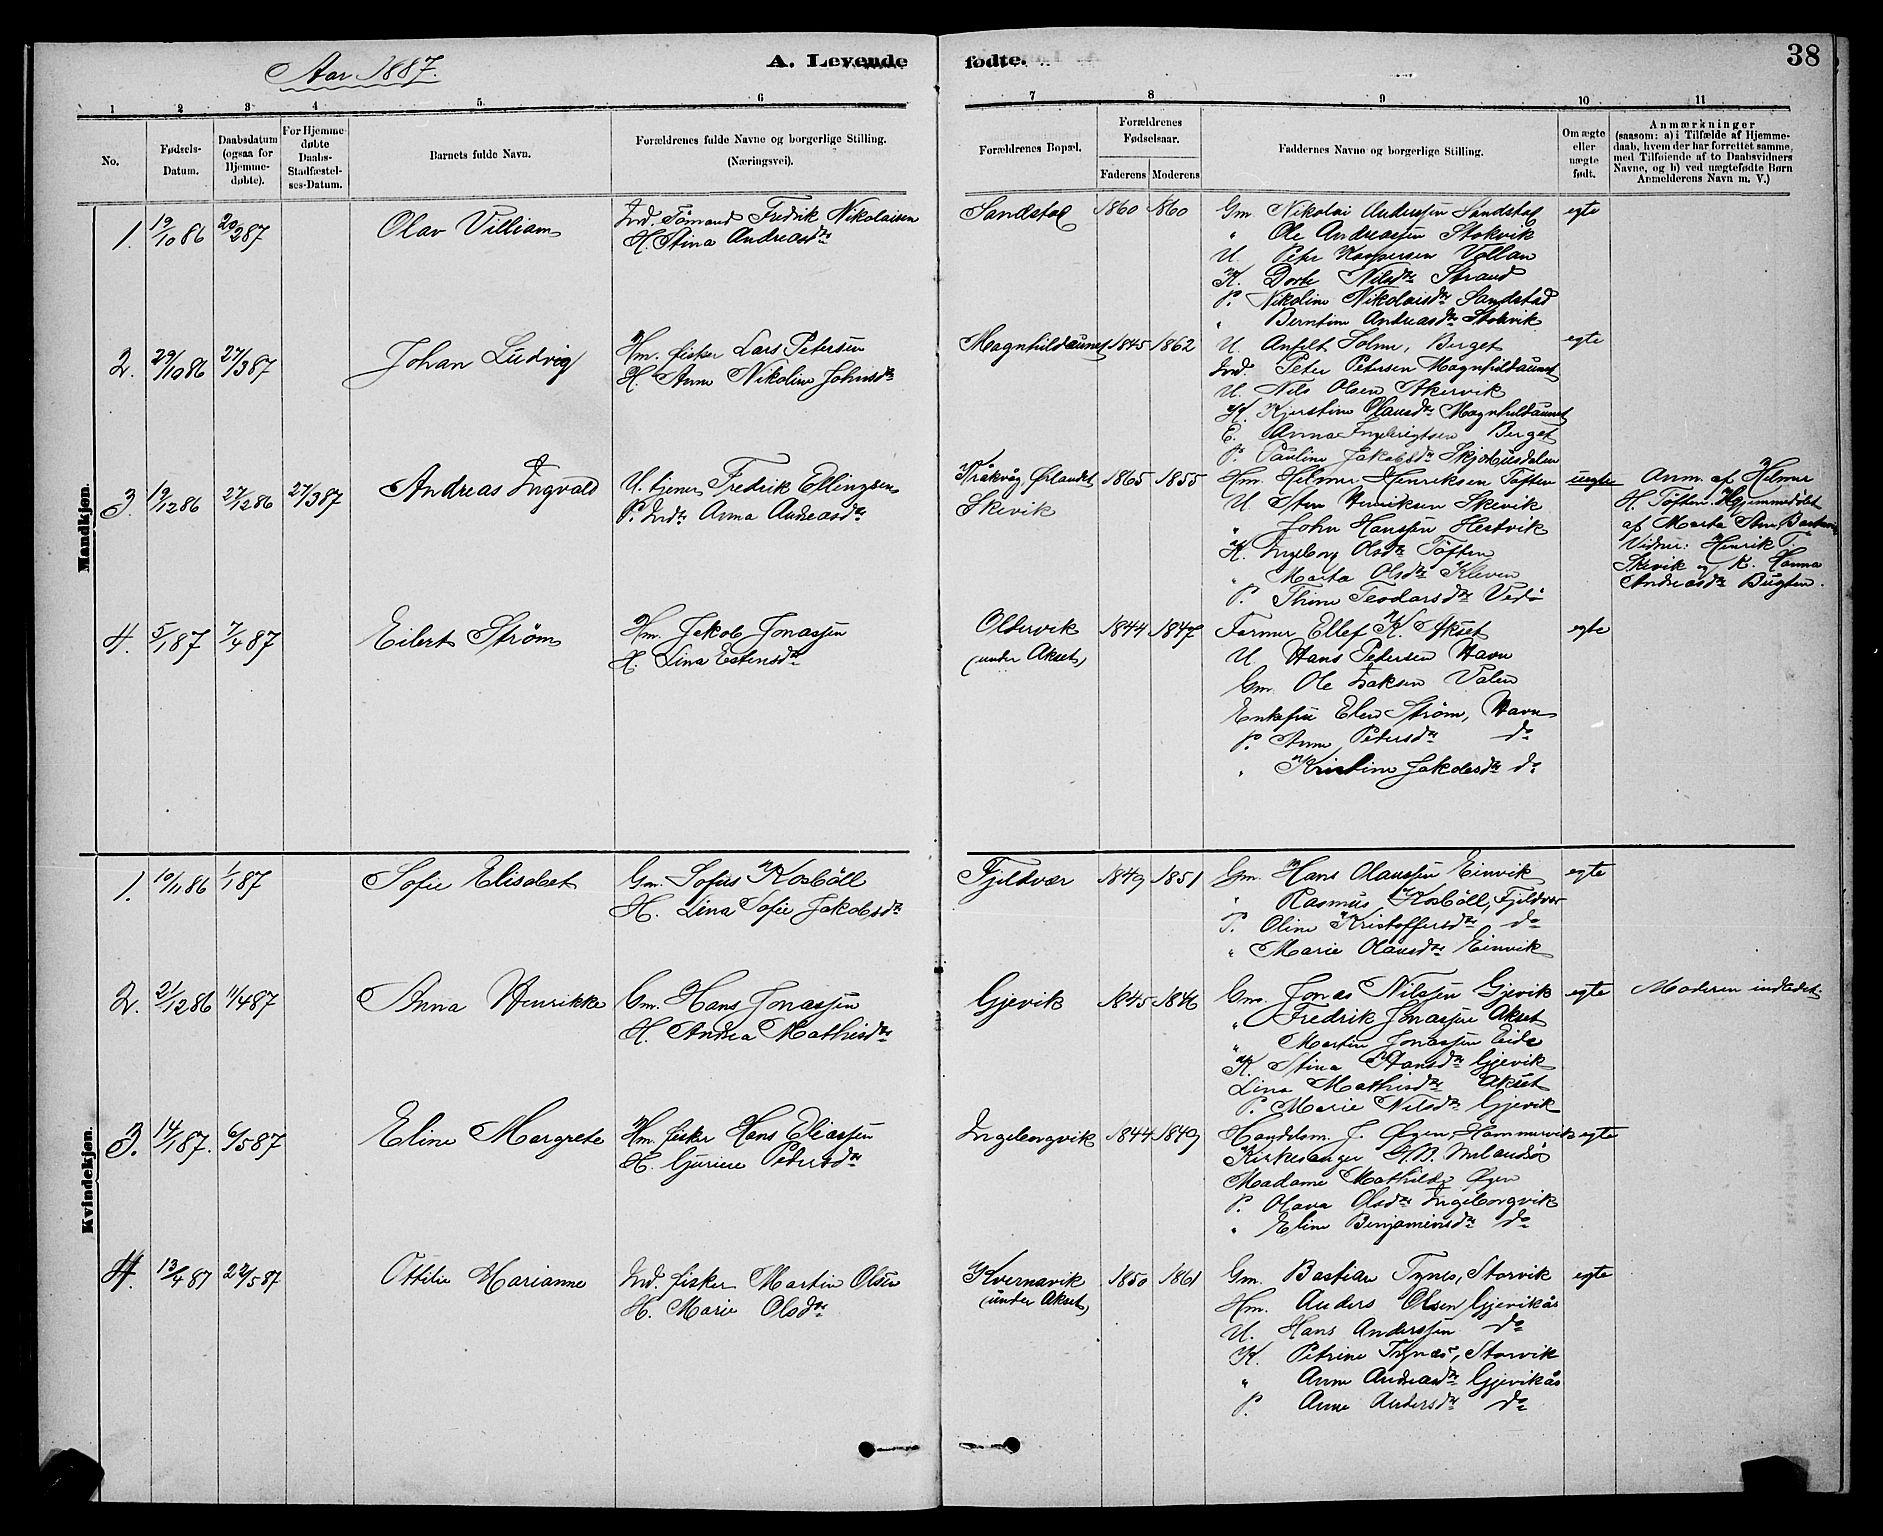 SAT, Ministerialprotokoller, klokkerbøker og fødselsregistre - Sør-Trøndelag, 637/L0562: Klokkerbok nr. 637C03, 1883-1898, s. 38